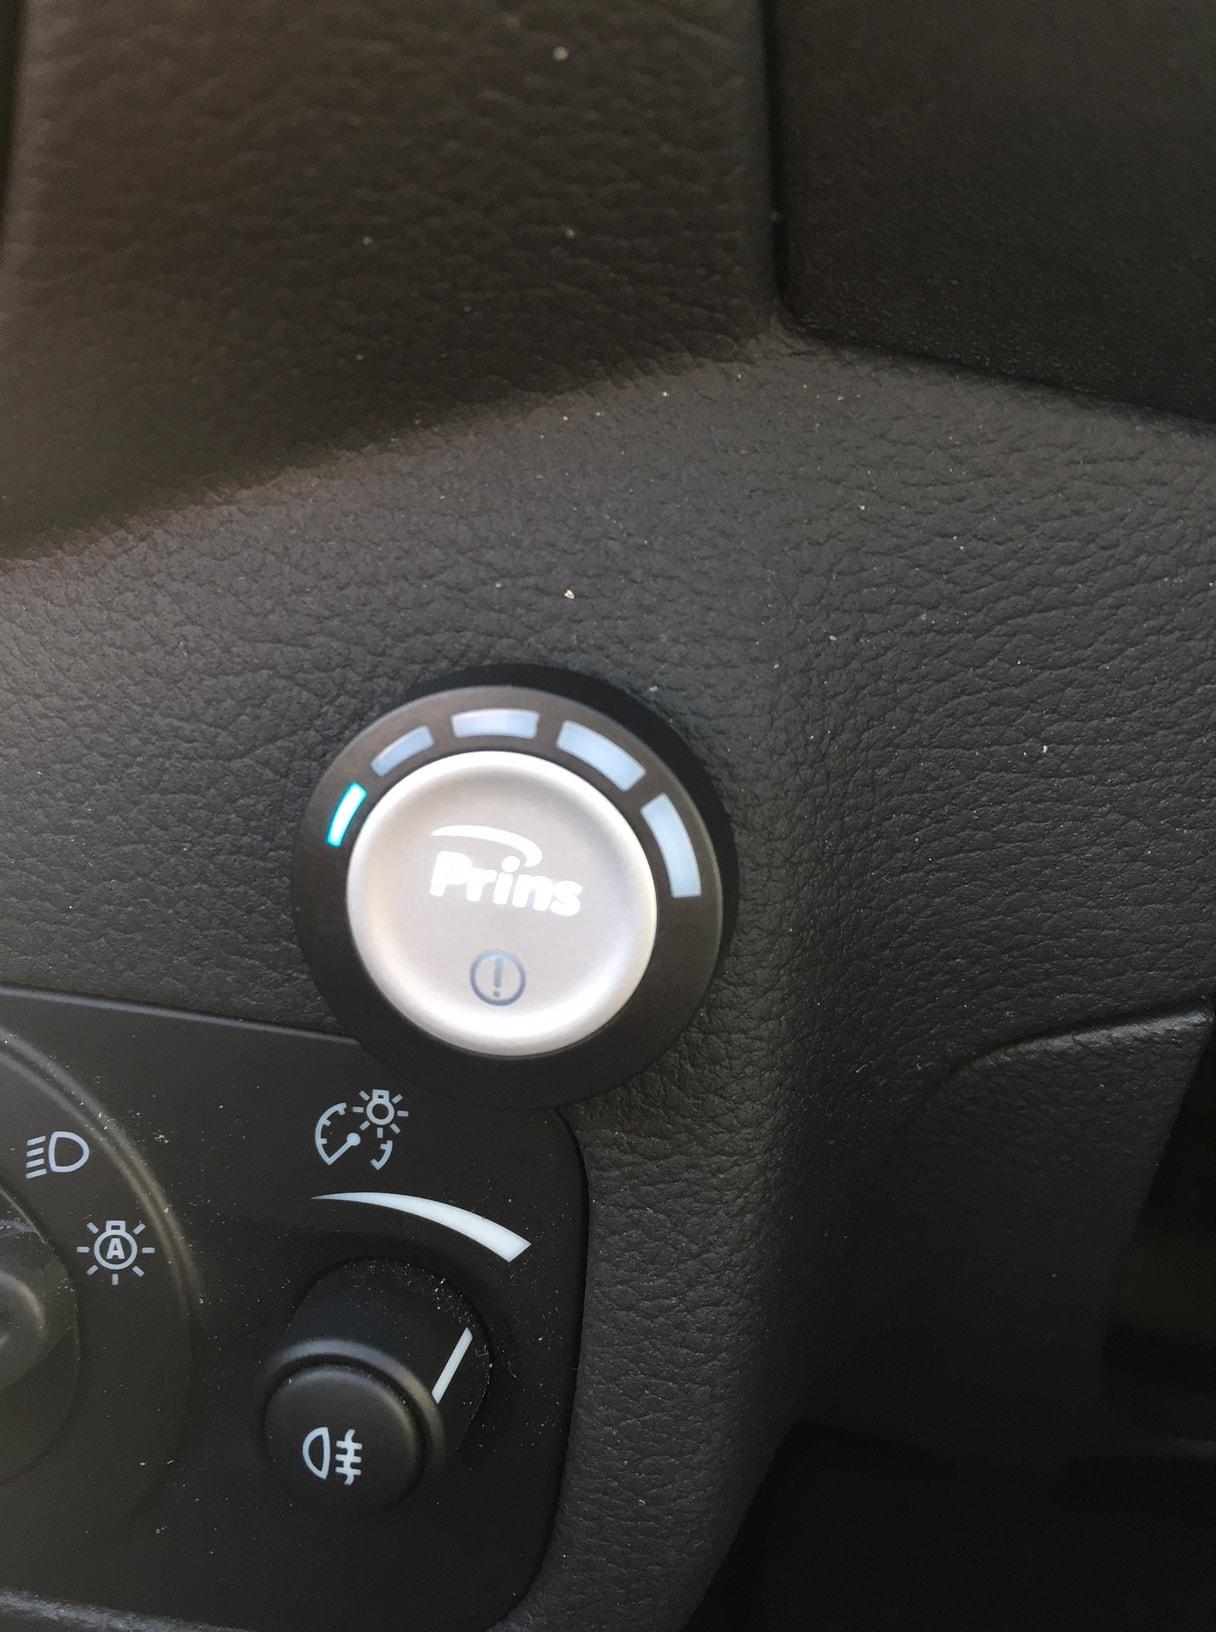 Autogas-R115-Umrüstung-auf-LPG-Autogas_Ford-Kuga-1,5Ecoboost-Direkteinspritzer-Prins-DLM-Tankuhr